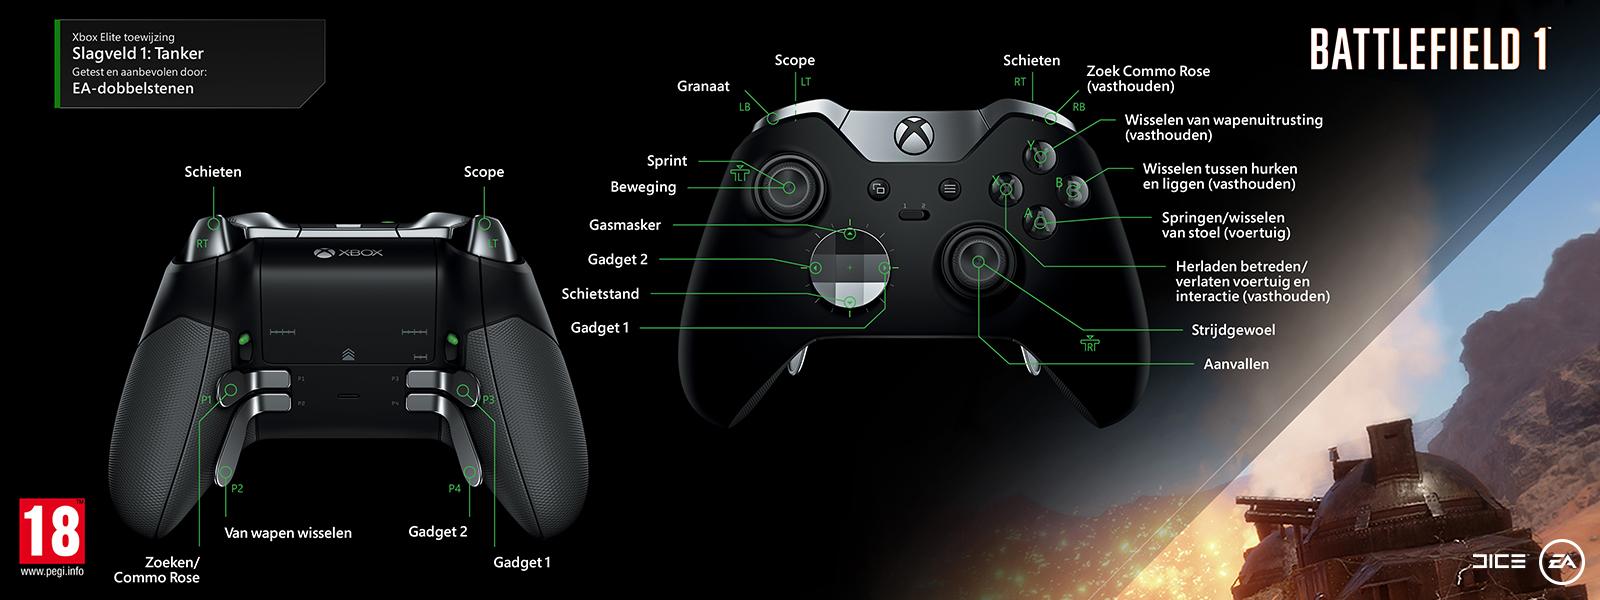 Battlefield 1 - Elite-mapping voor tankbestuurders